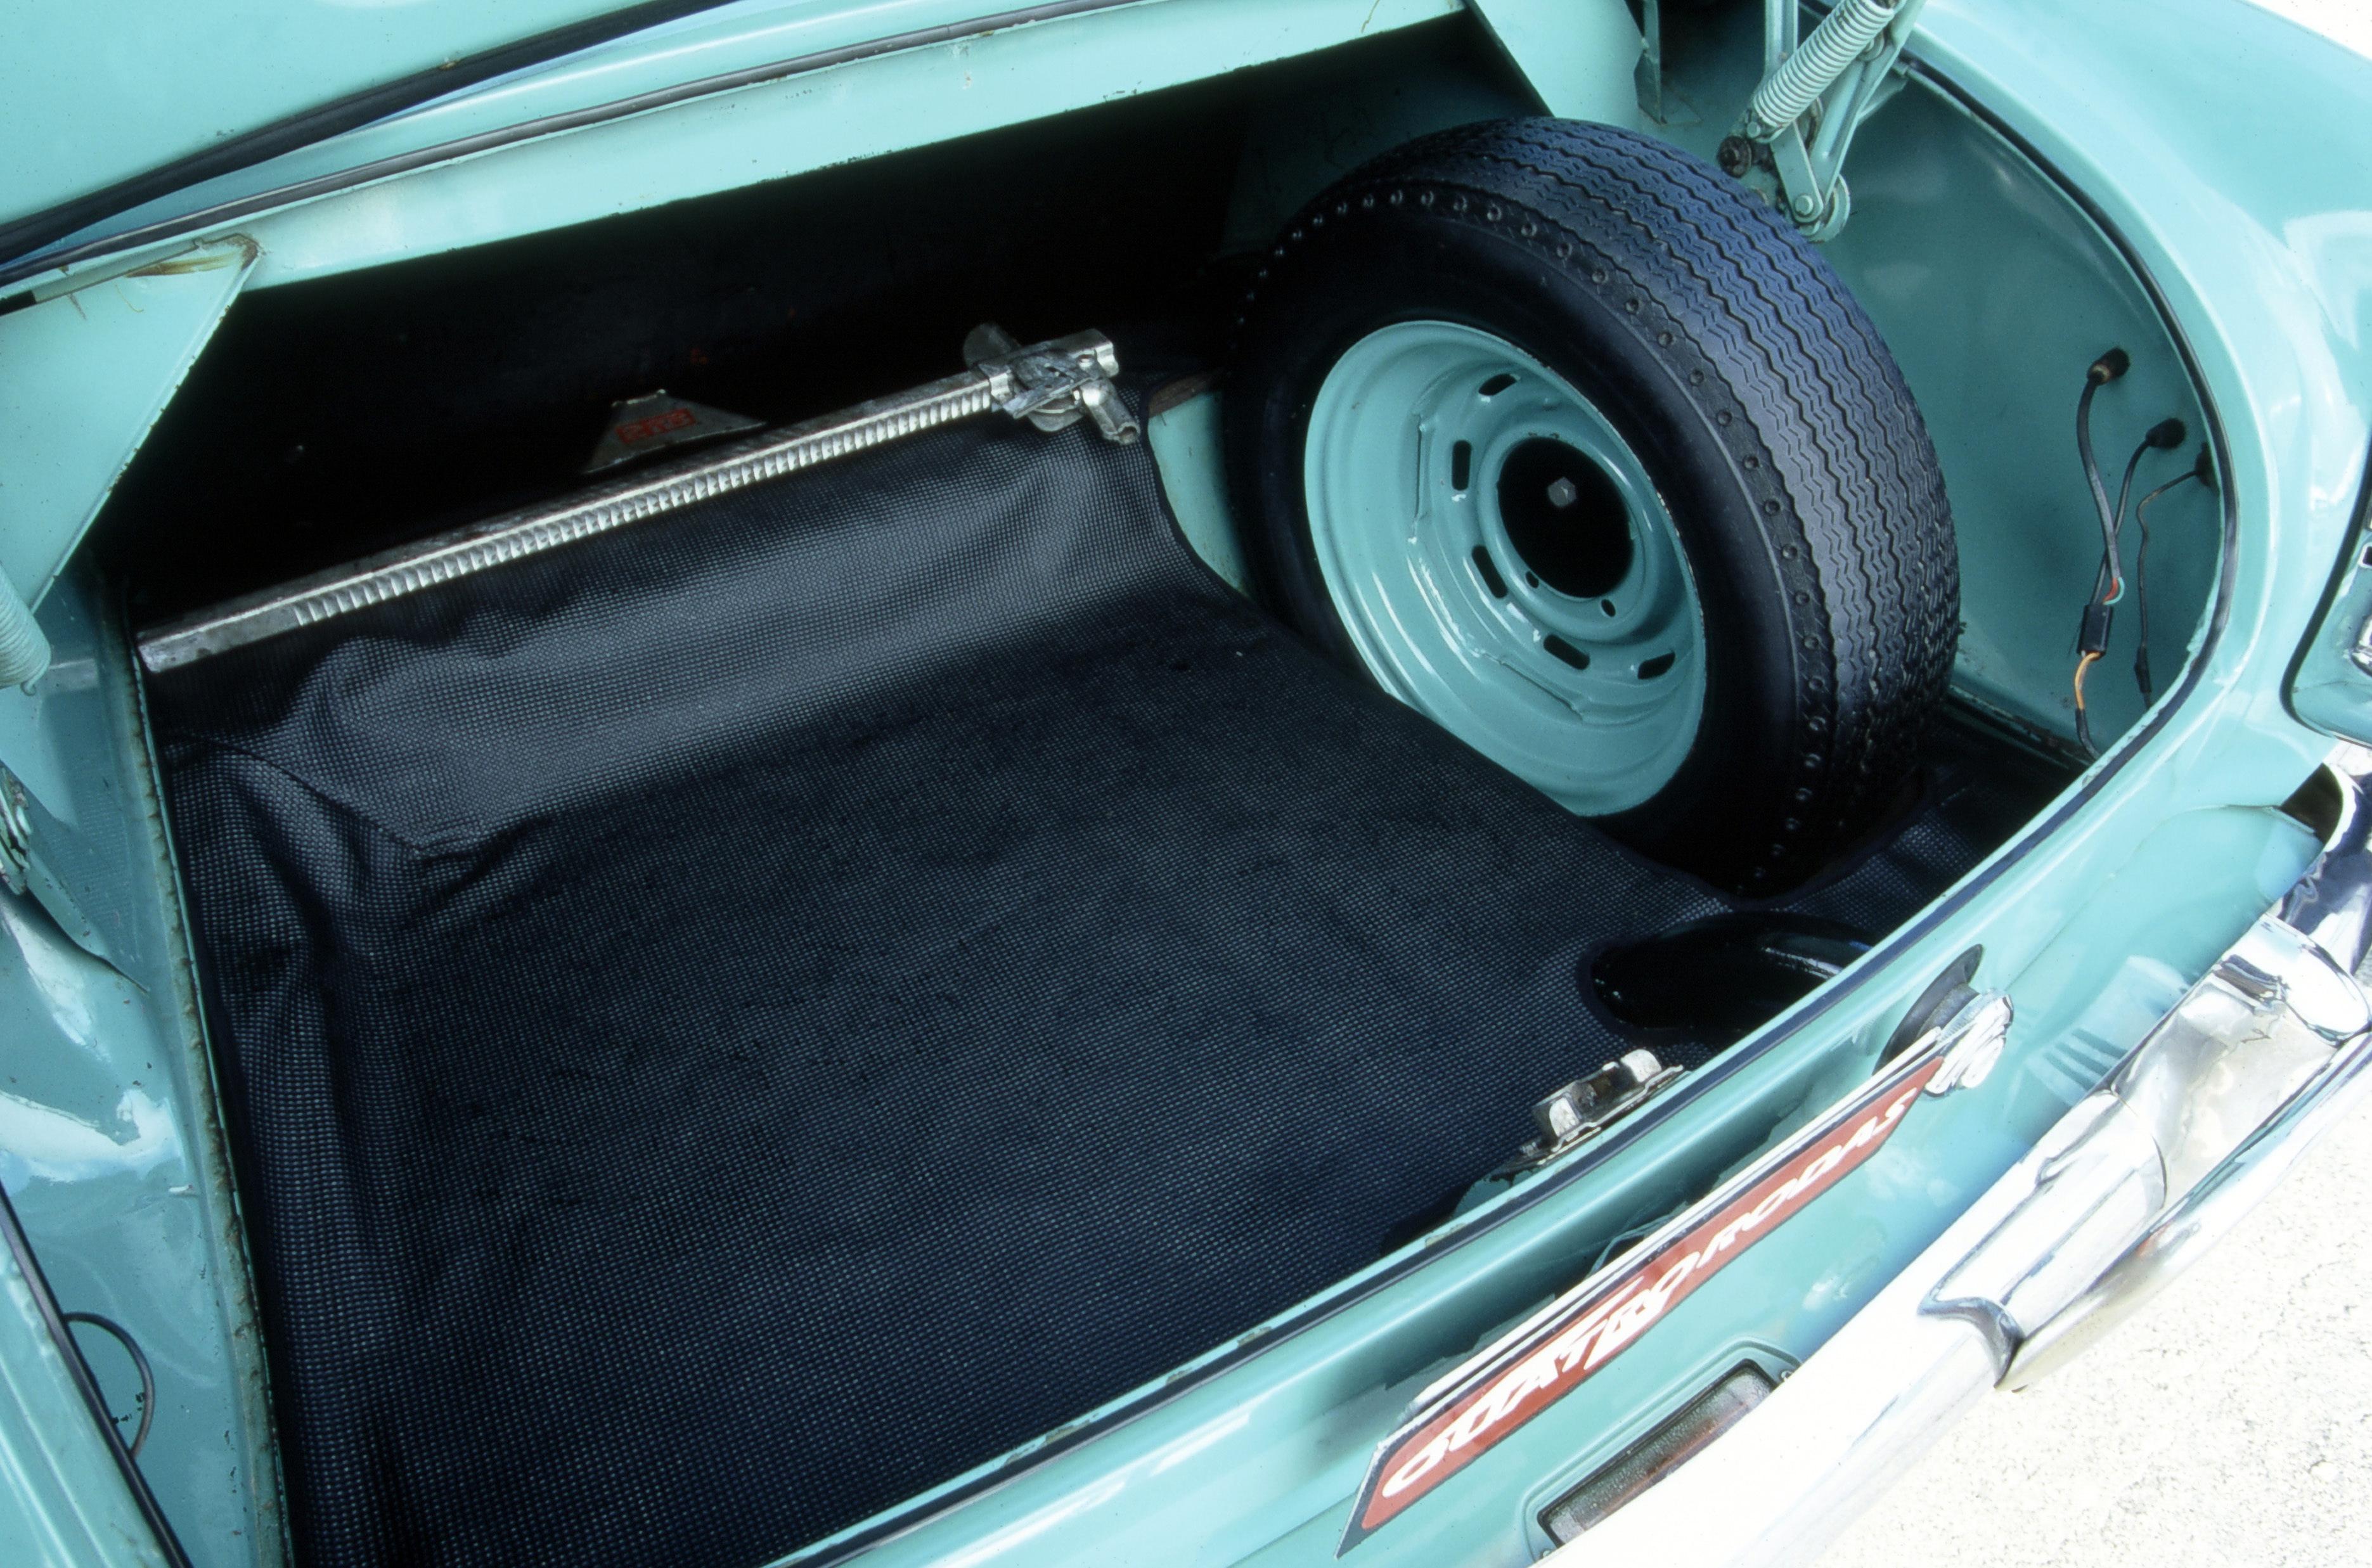 Porta-malas do Aero Willys 2600, da década de 60, da Willys.